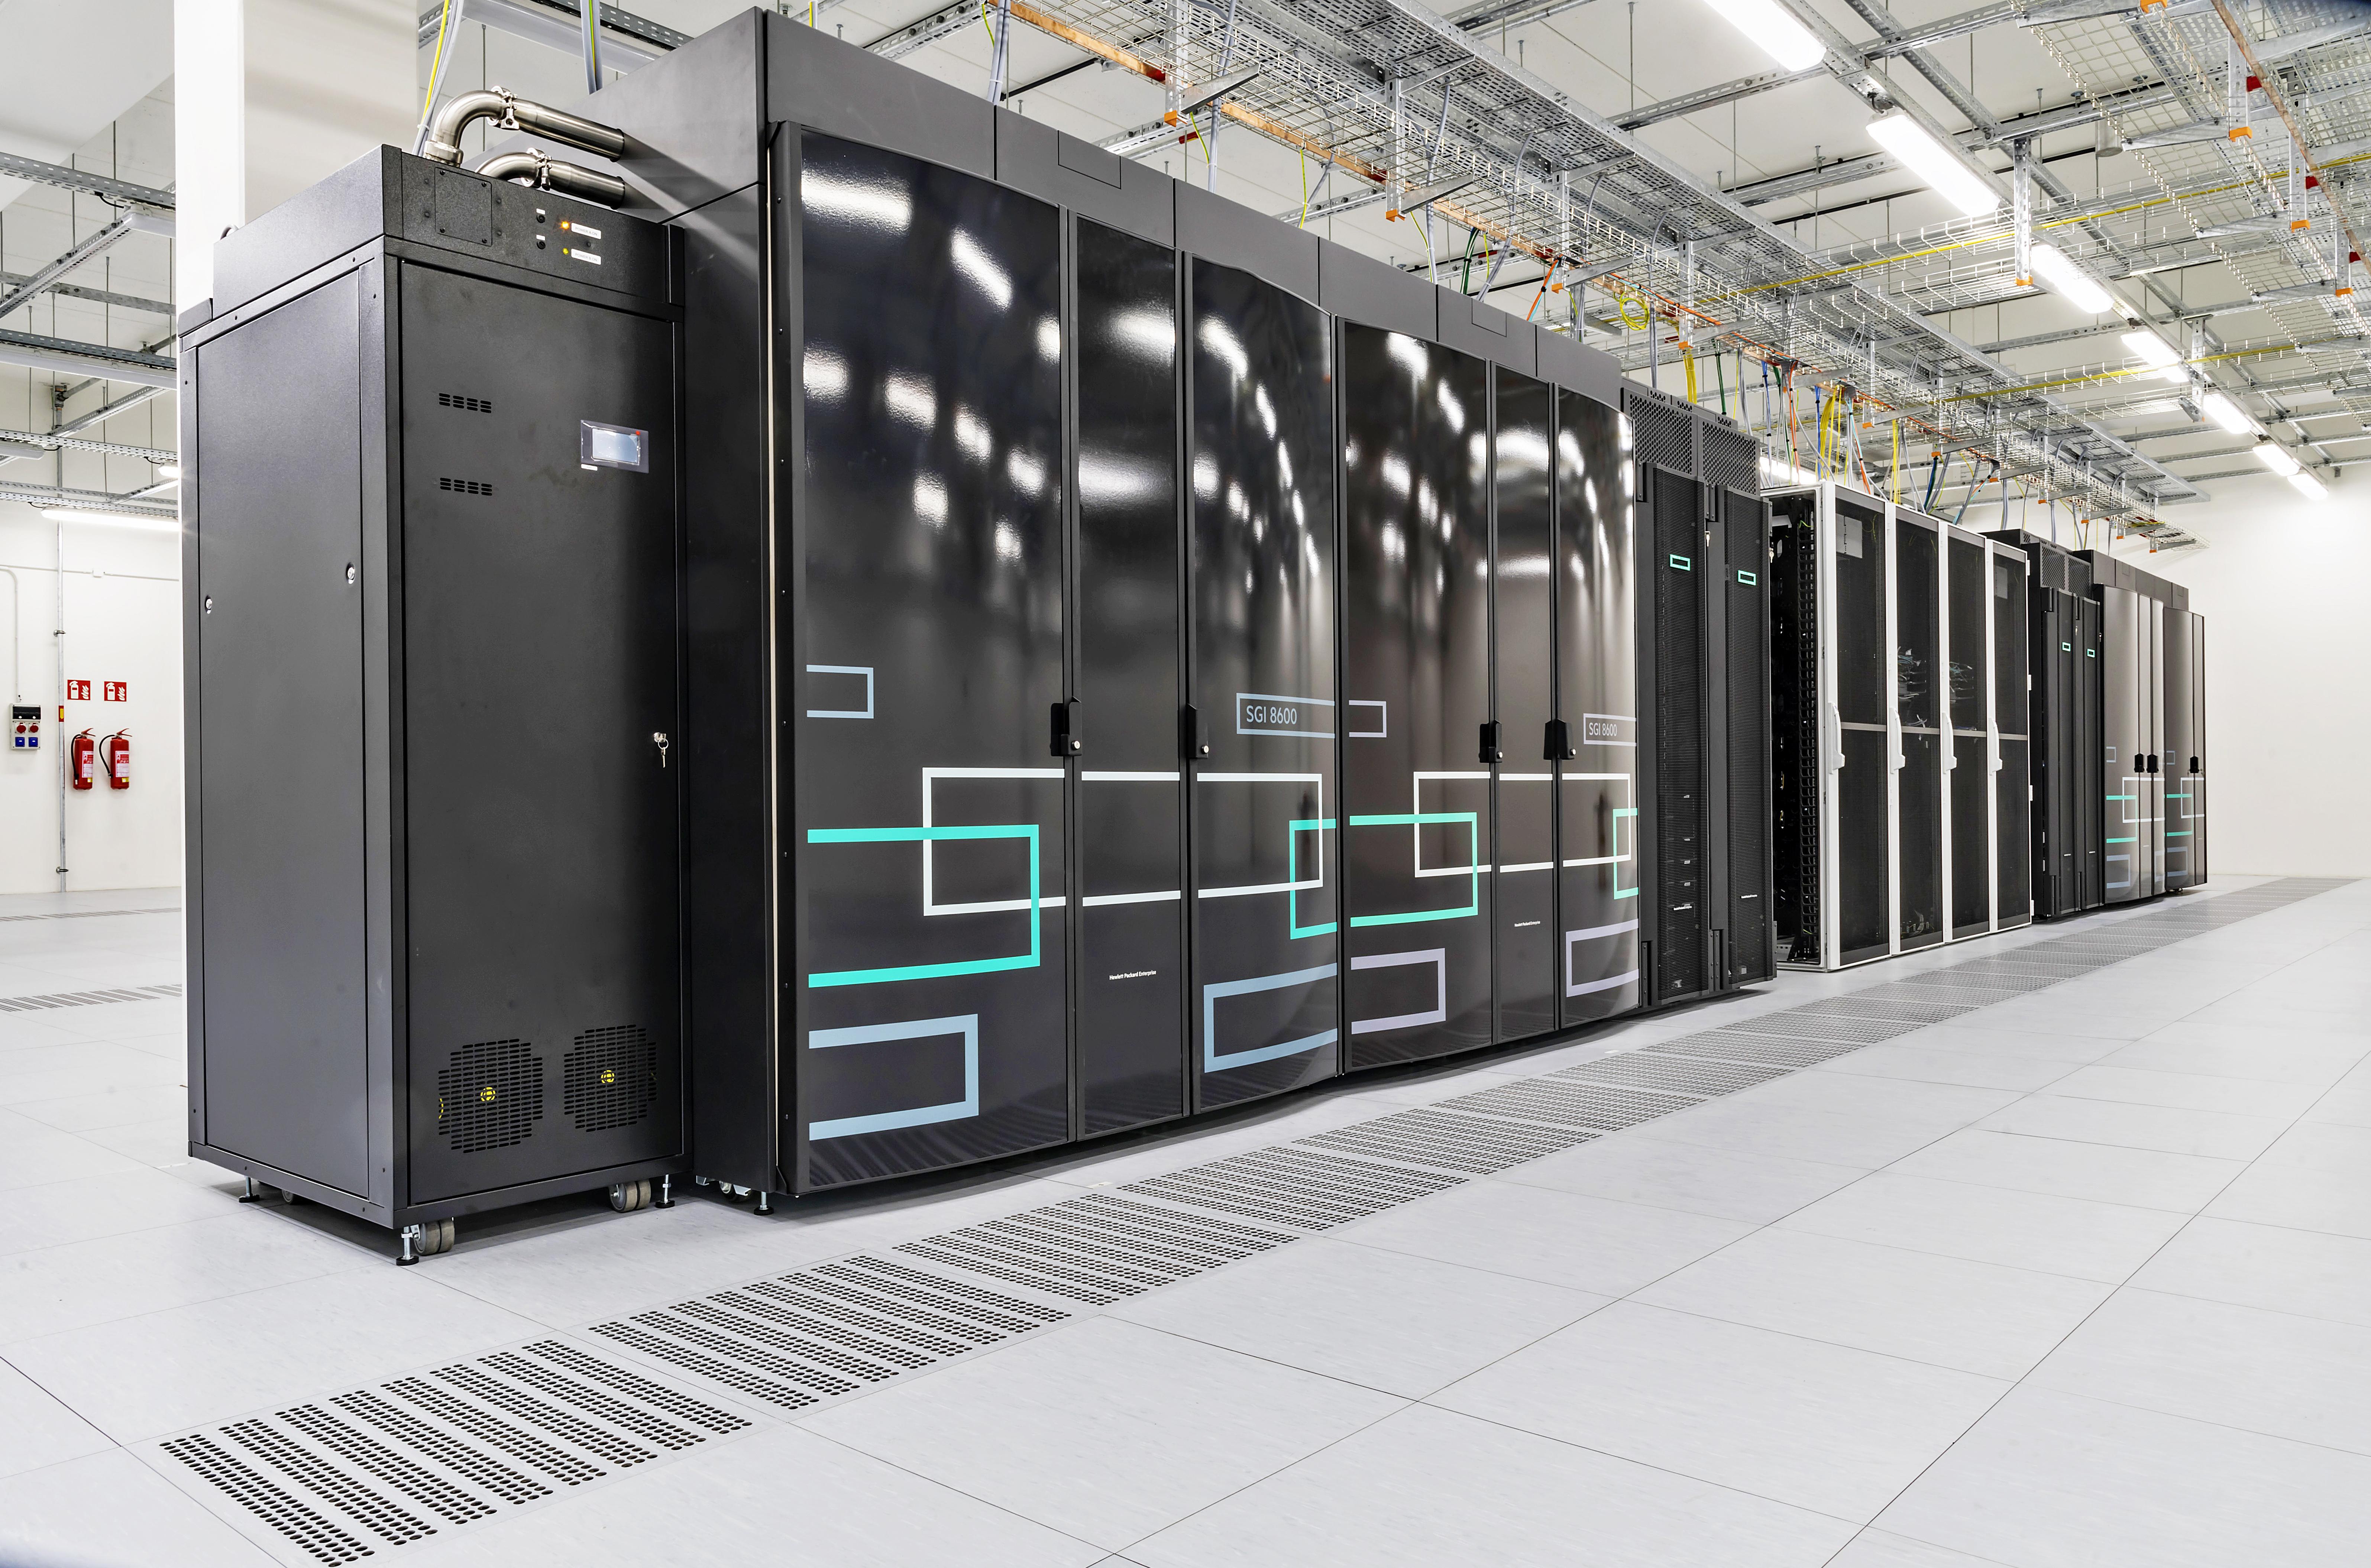 Škoda Auto,datové centrum, HPC clustery, chladící infrastruktura, superpočítač, supercomputer